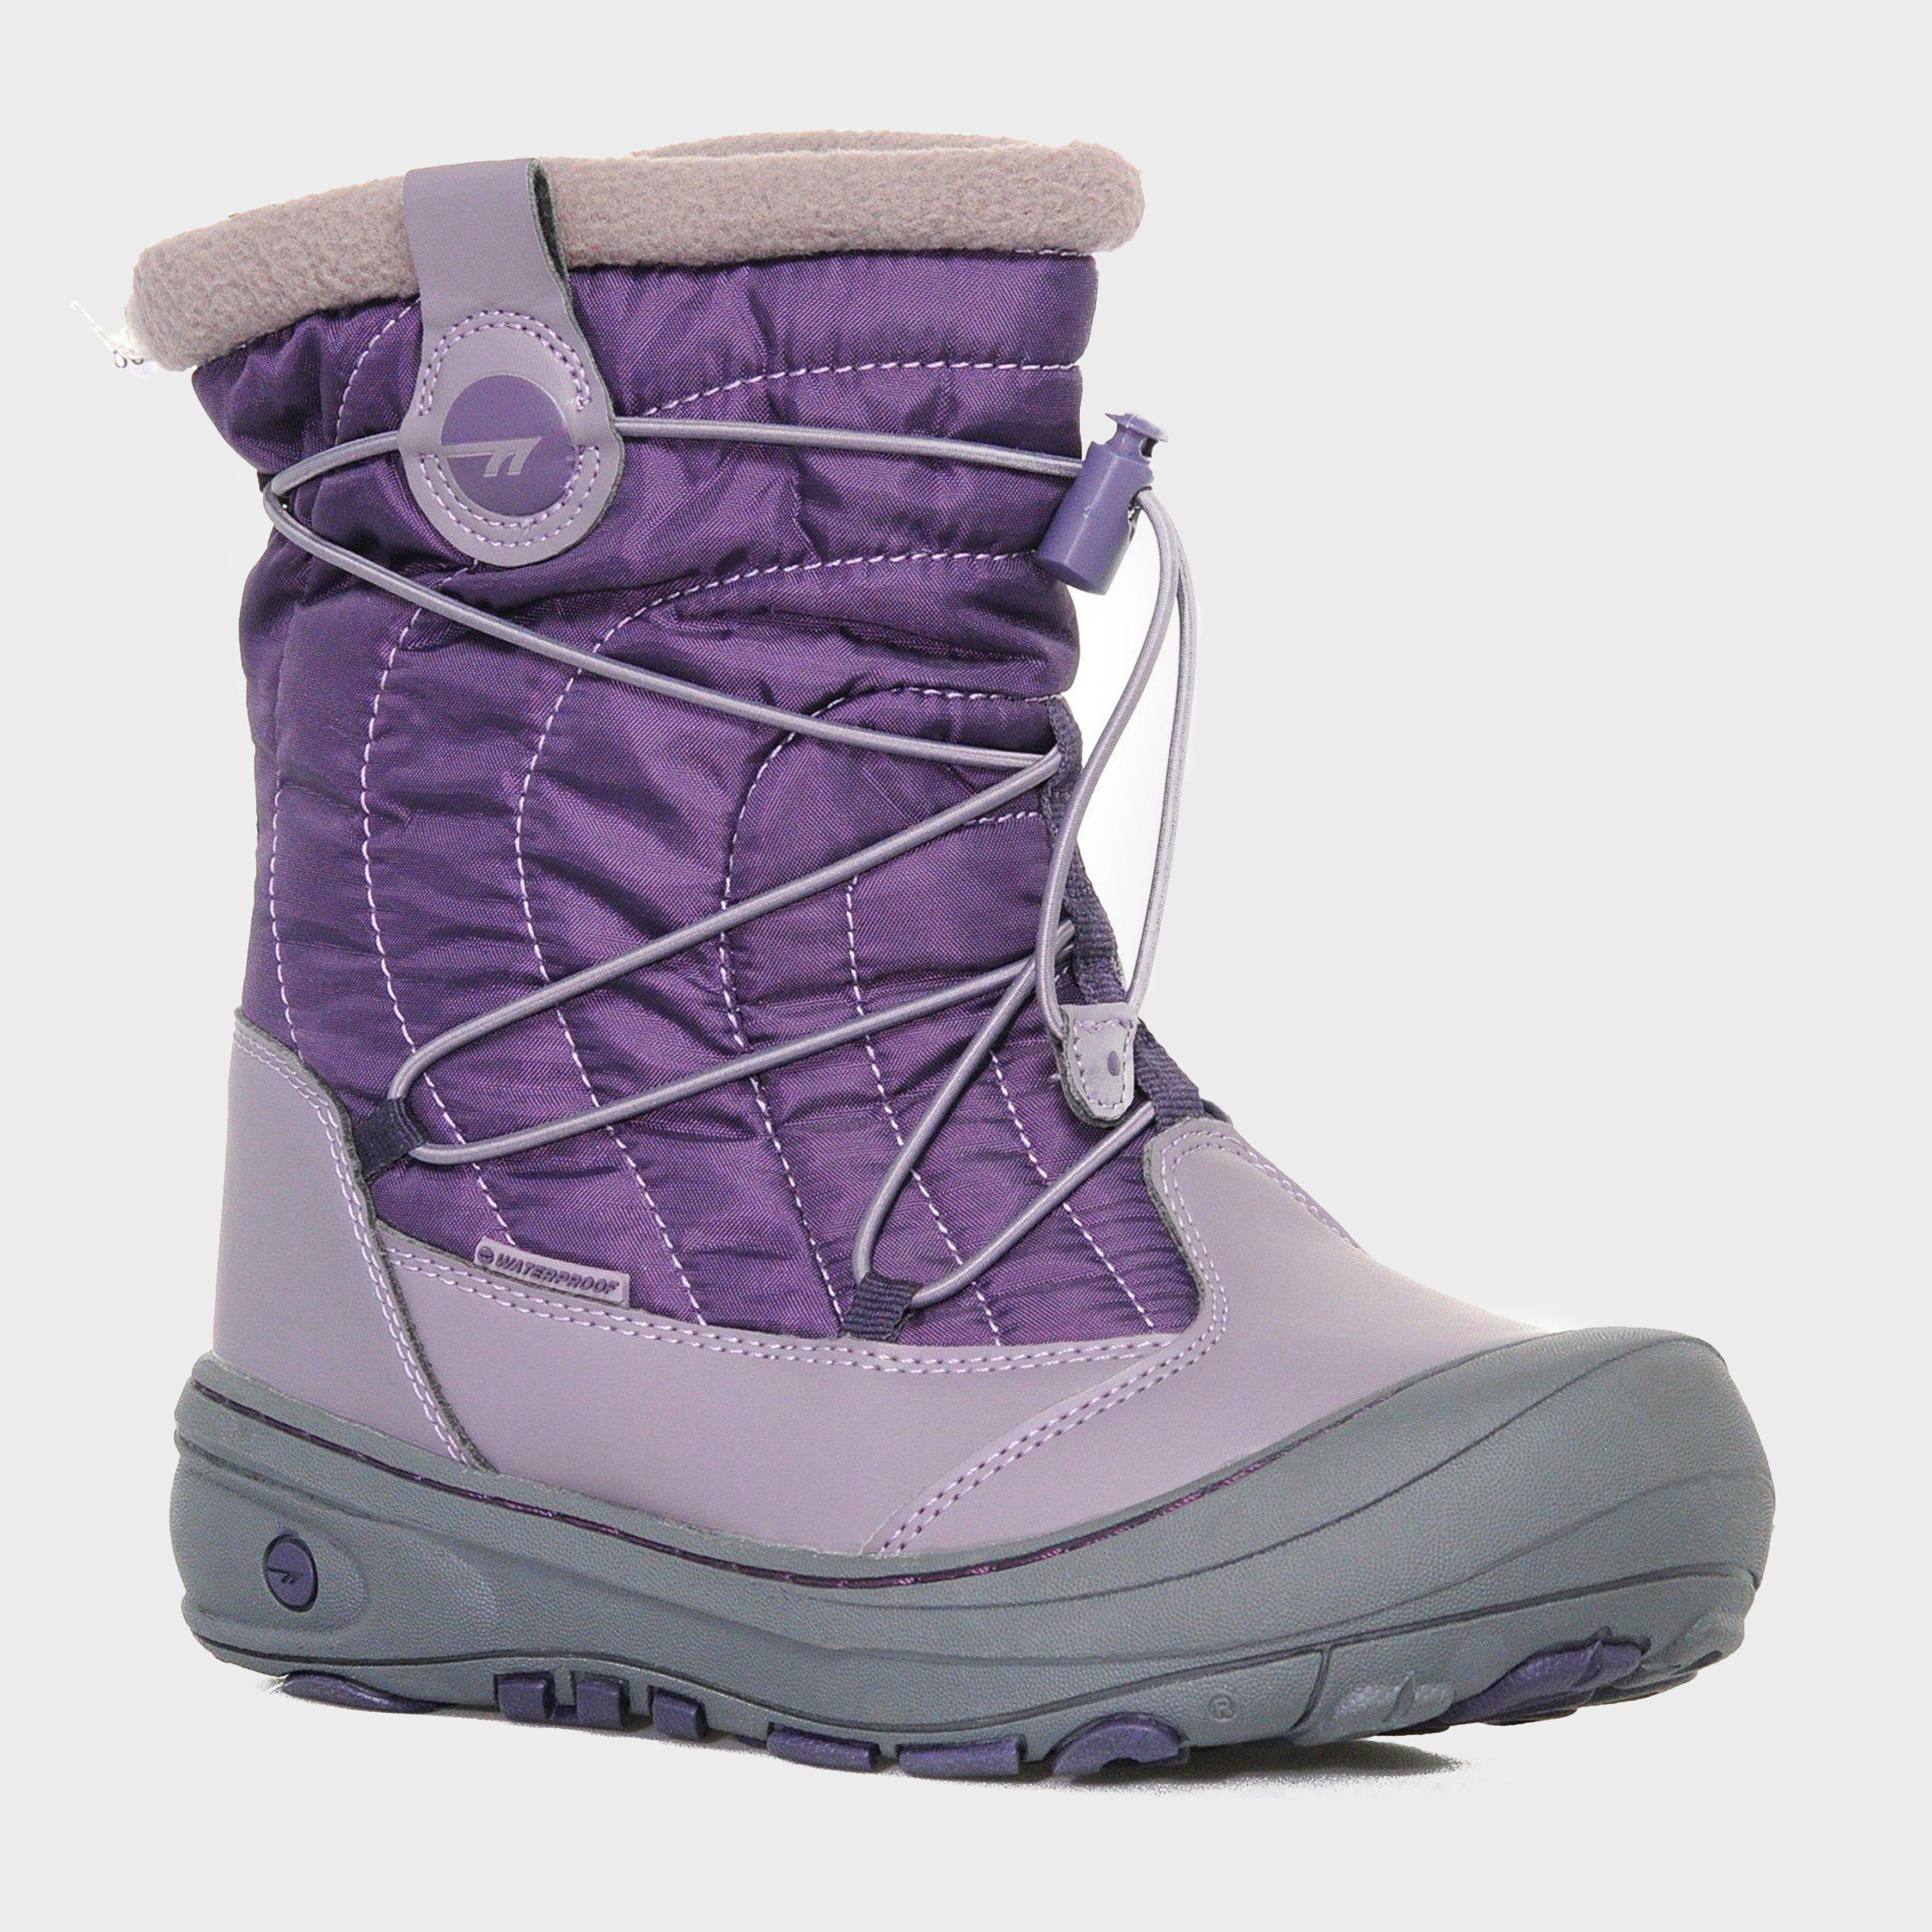 HI TEC Girls' Equinox Waterproof Snow Boot